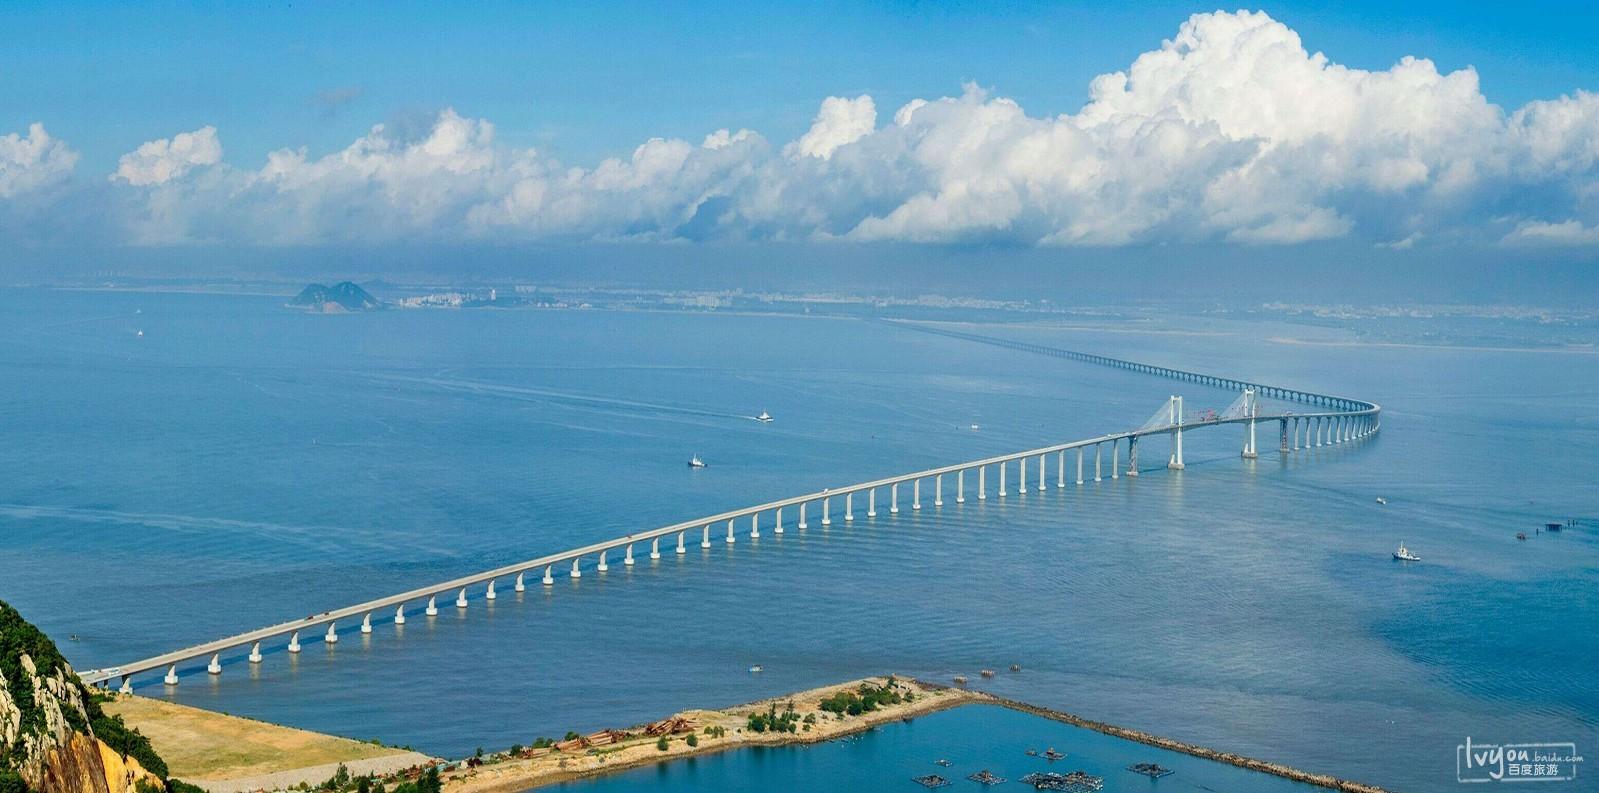 是一座连接汕头市澄海区和南澳县的跨海大桥.